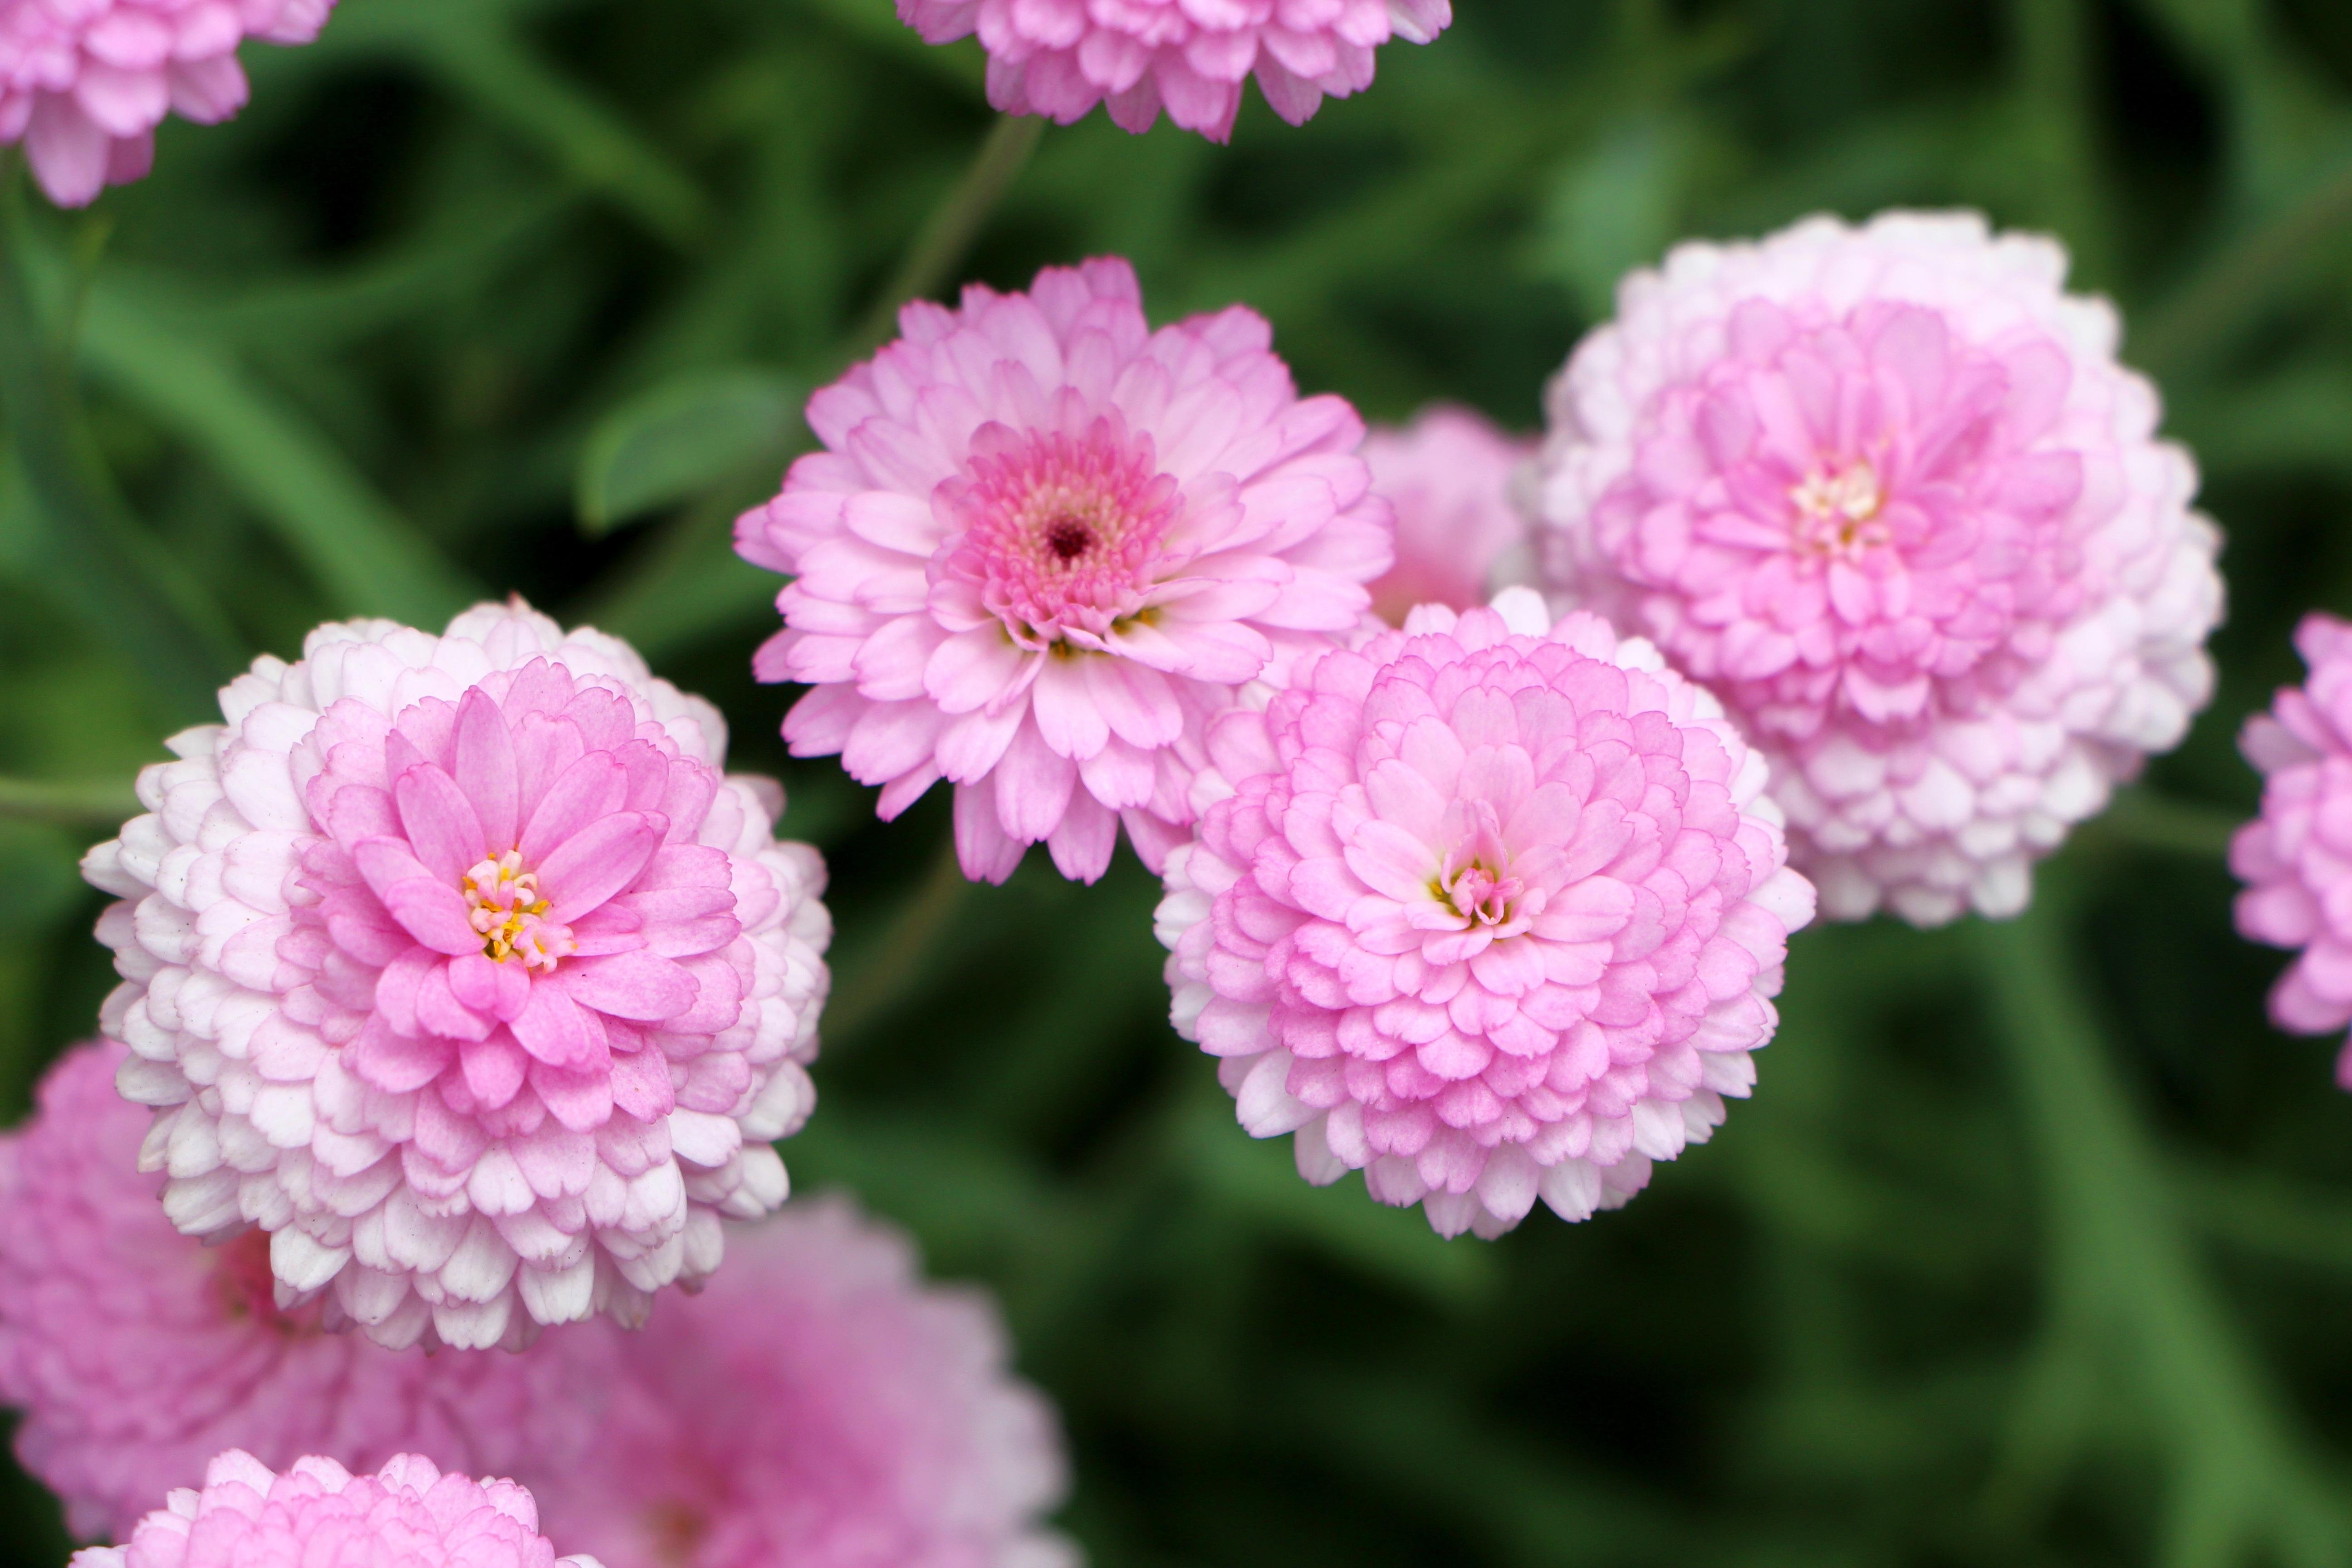 117402 скачать обои Цветы, Розовый, Хризантемы - заставки и картинки бесплатно